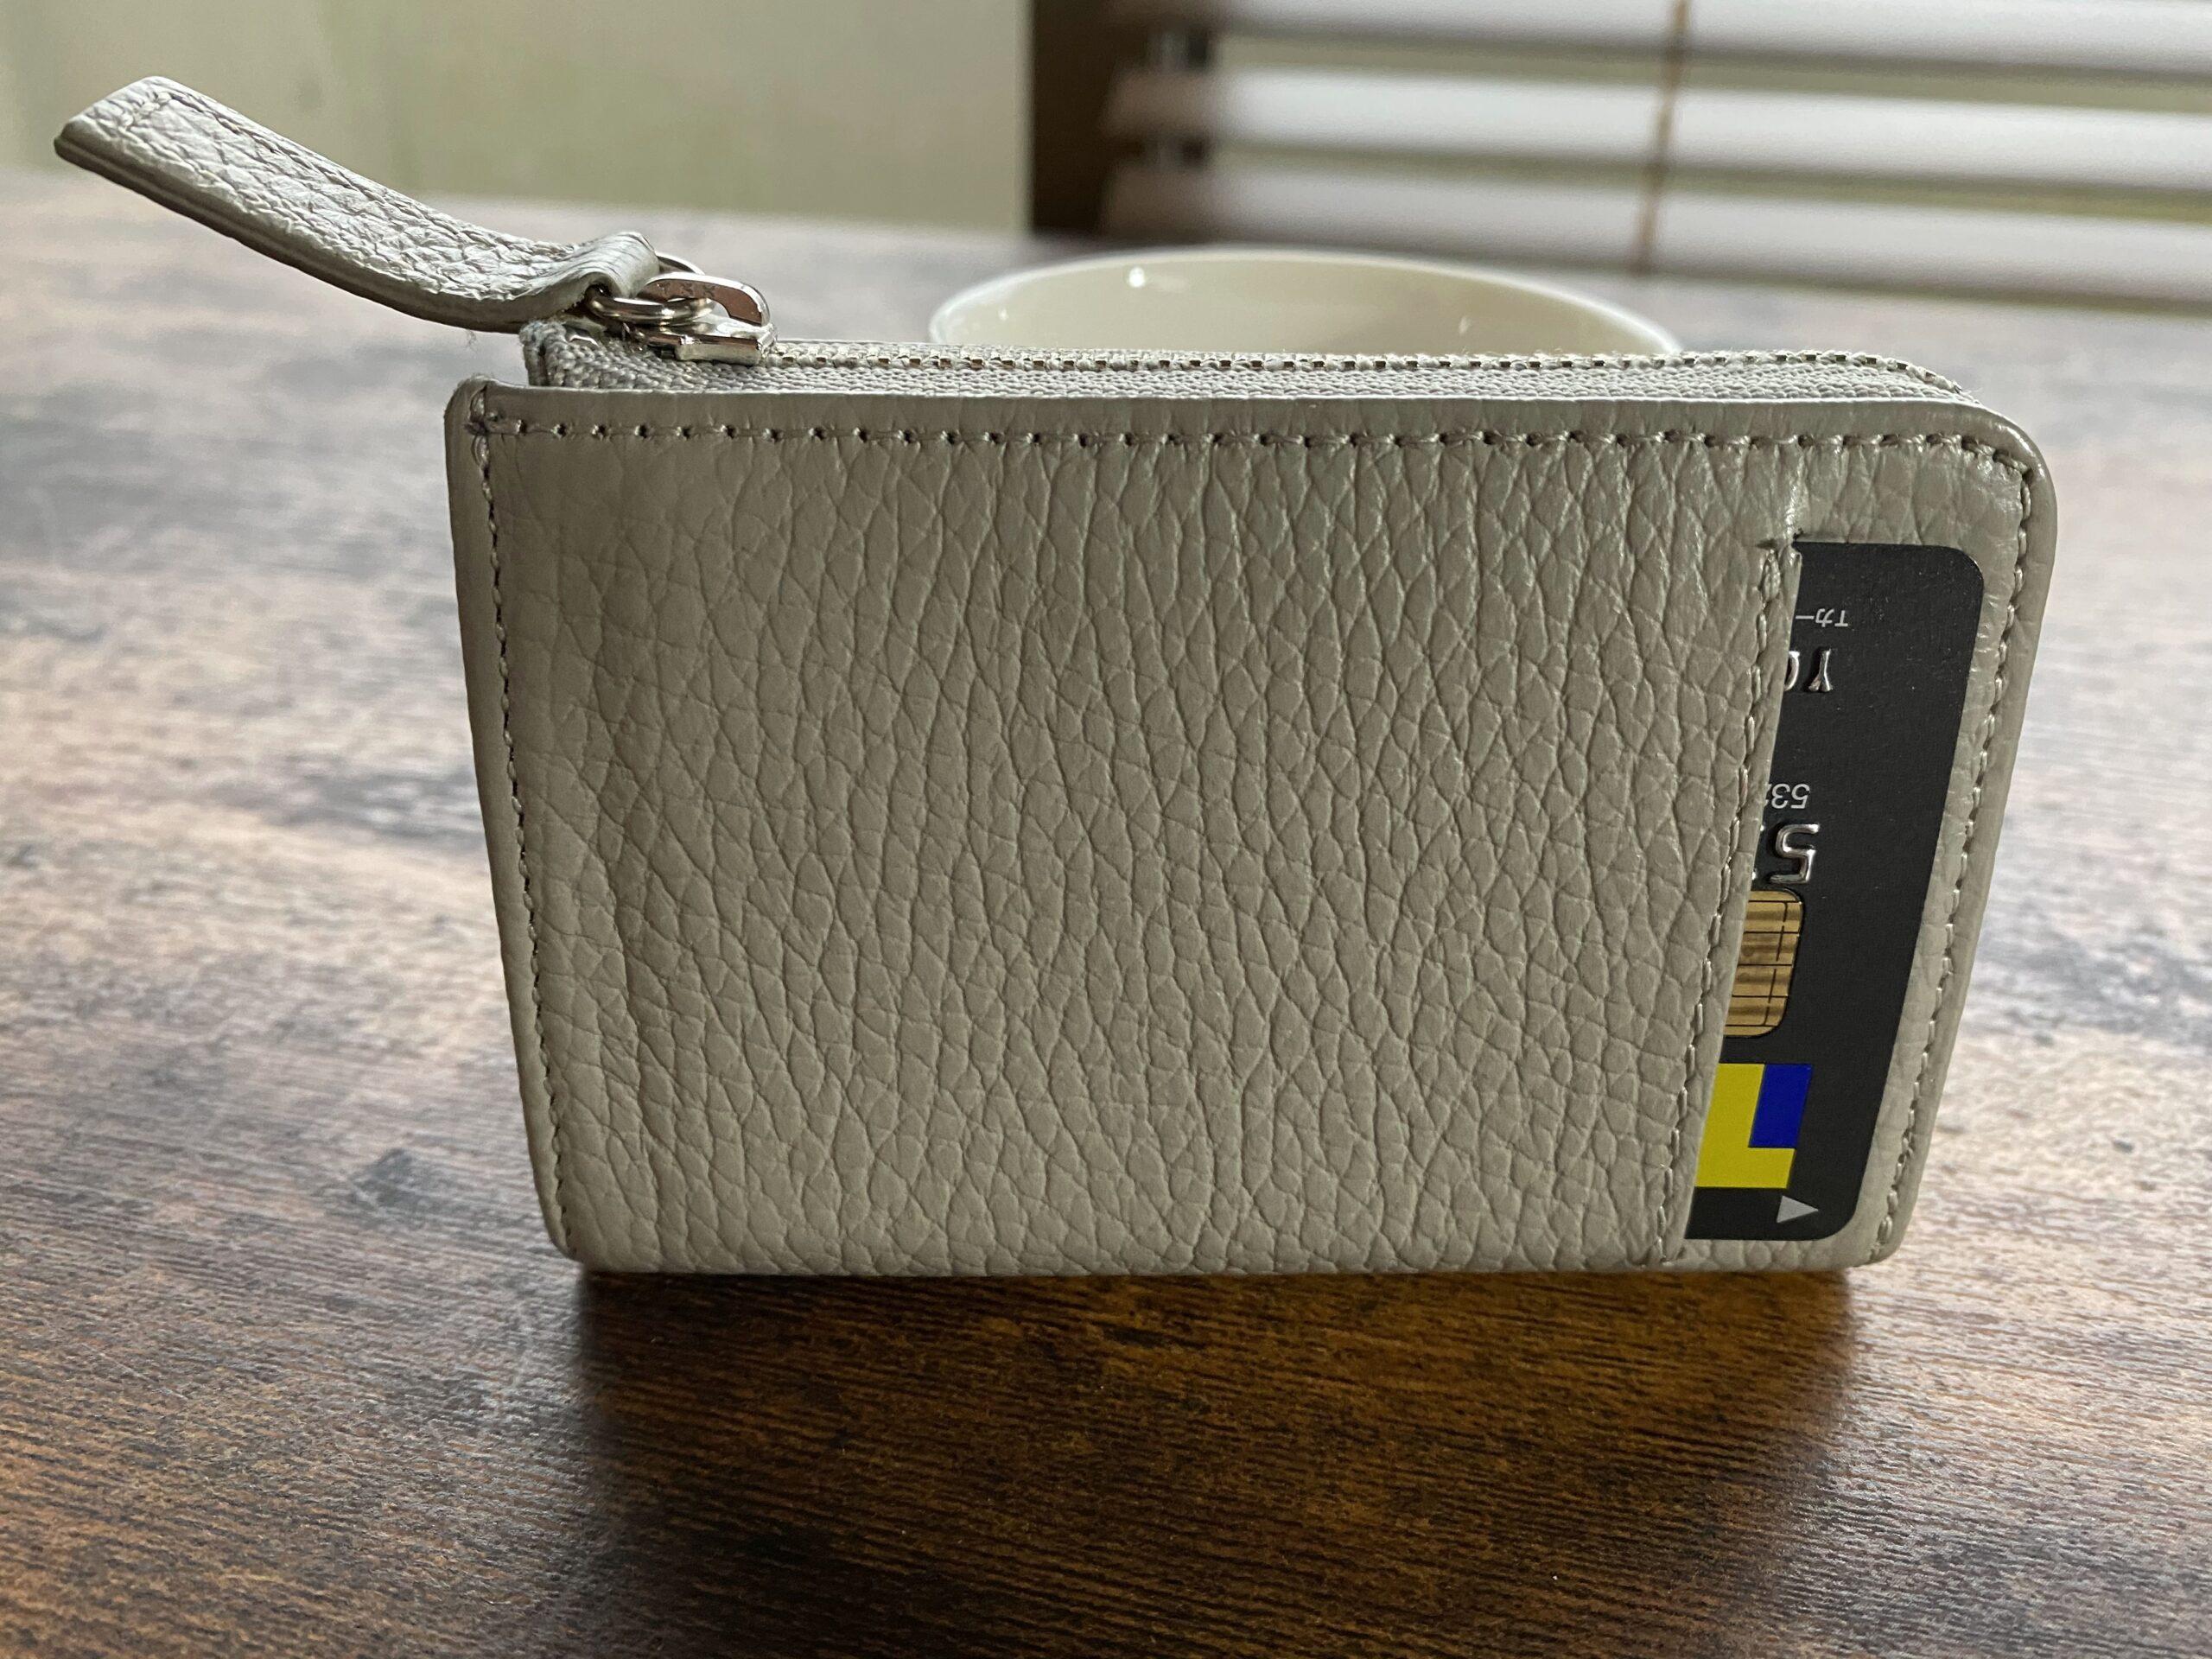 買い物情報を得るのは今や100%、YouTube。誰の情報でモノを買うのか。L字ファスナー小型財布は、トバログ君のこだわりをシェアして満足です。